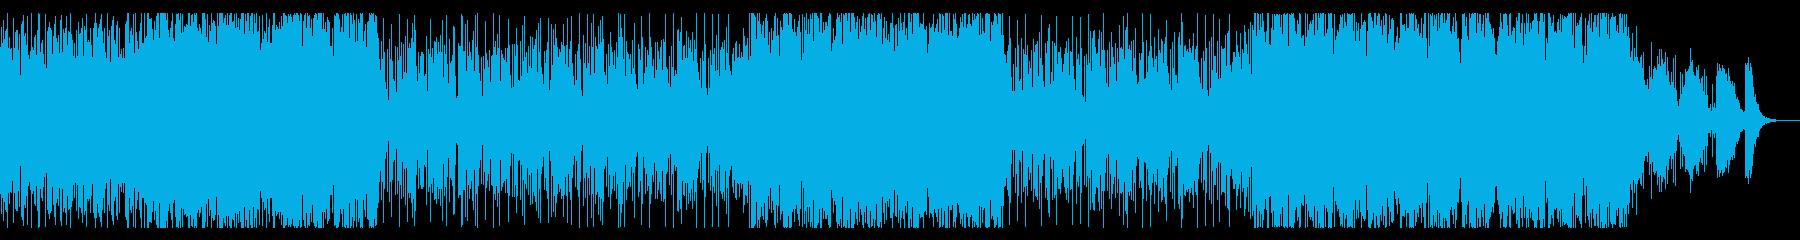 Wave,EDMの曲の再生済みの波形